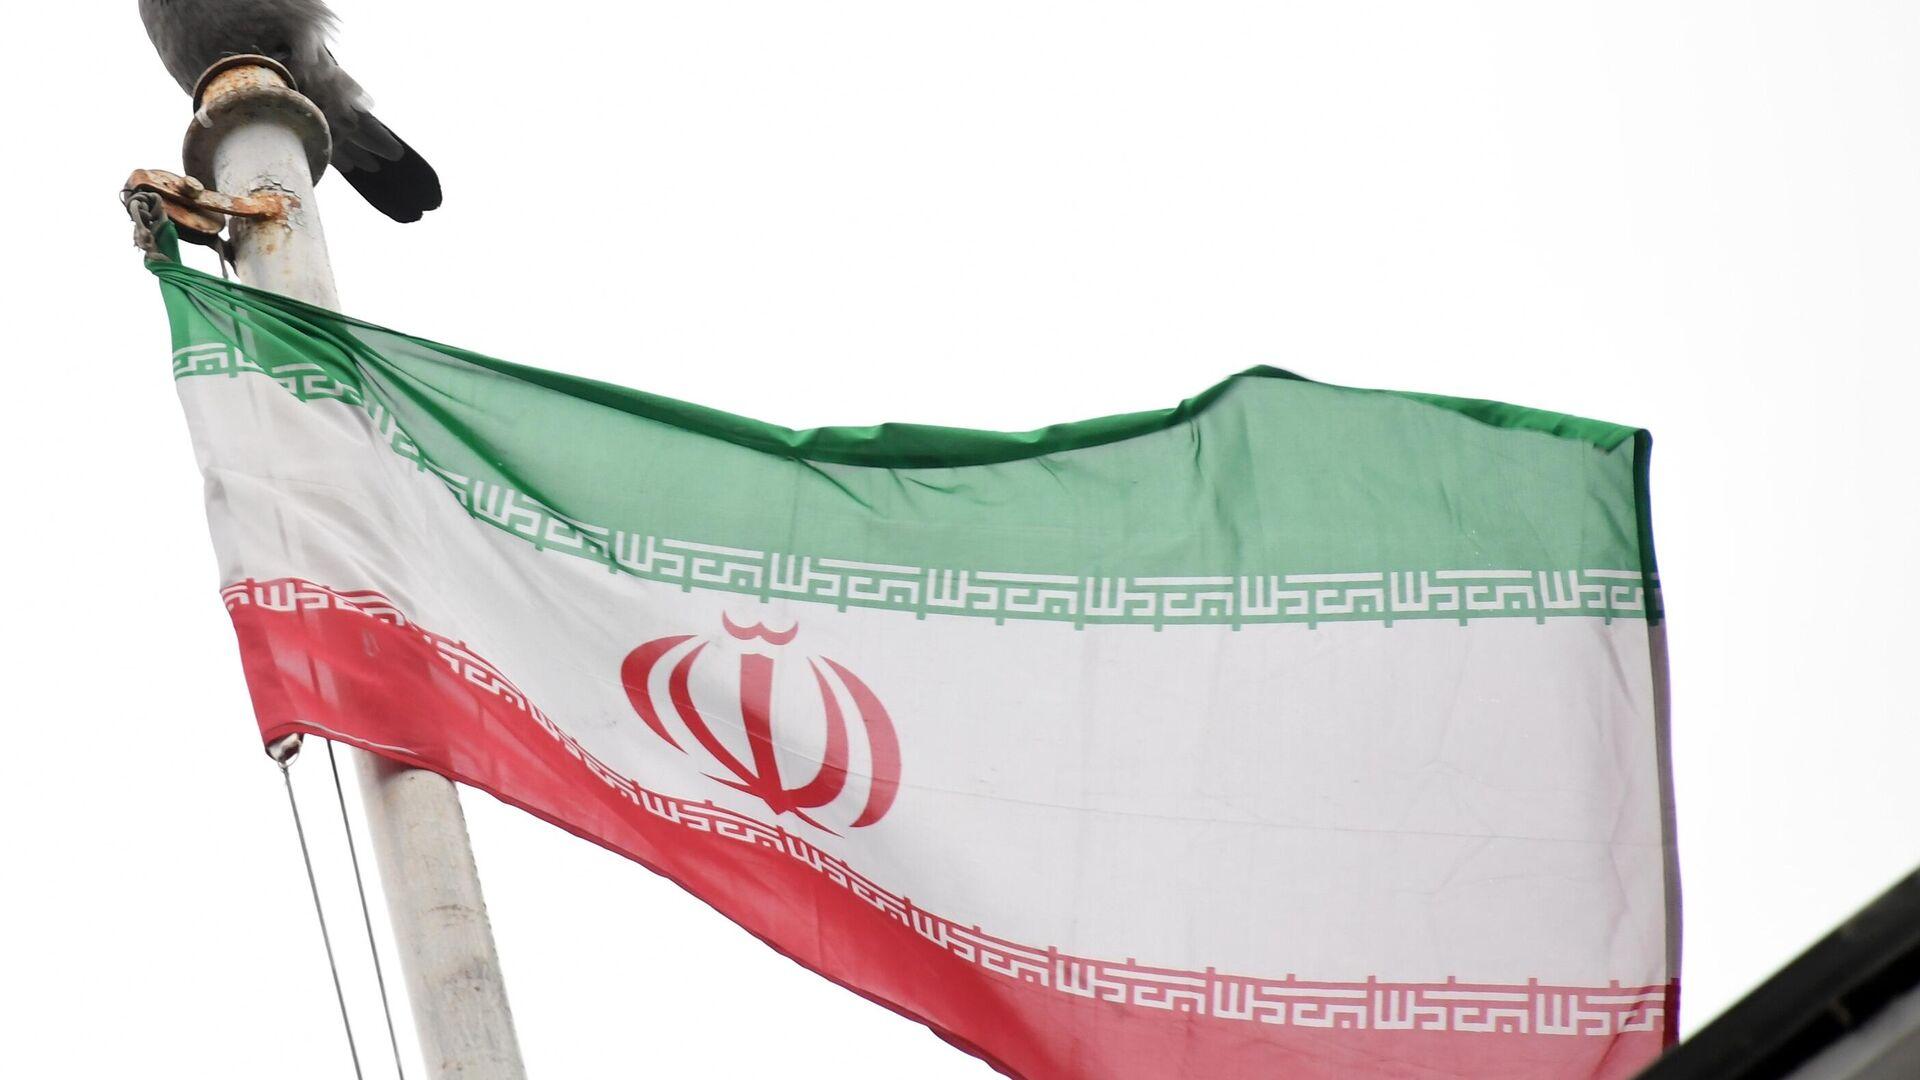 Флаг посольства Исламской Республики Иран на Покровском бульваре в Москве. - Sputnik Узбекистан, 1920, 12.08.2021